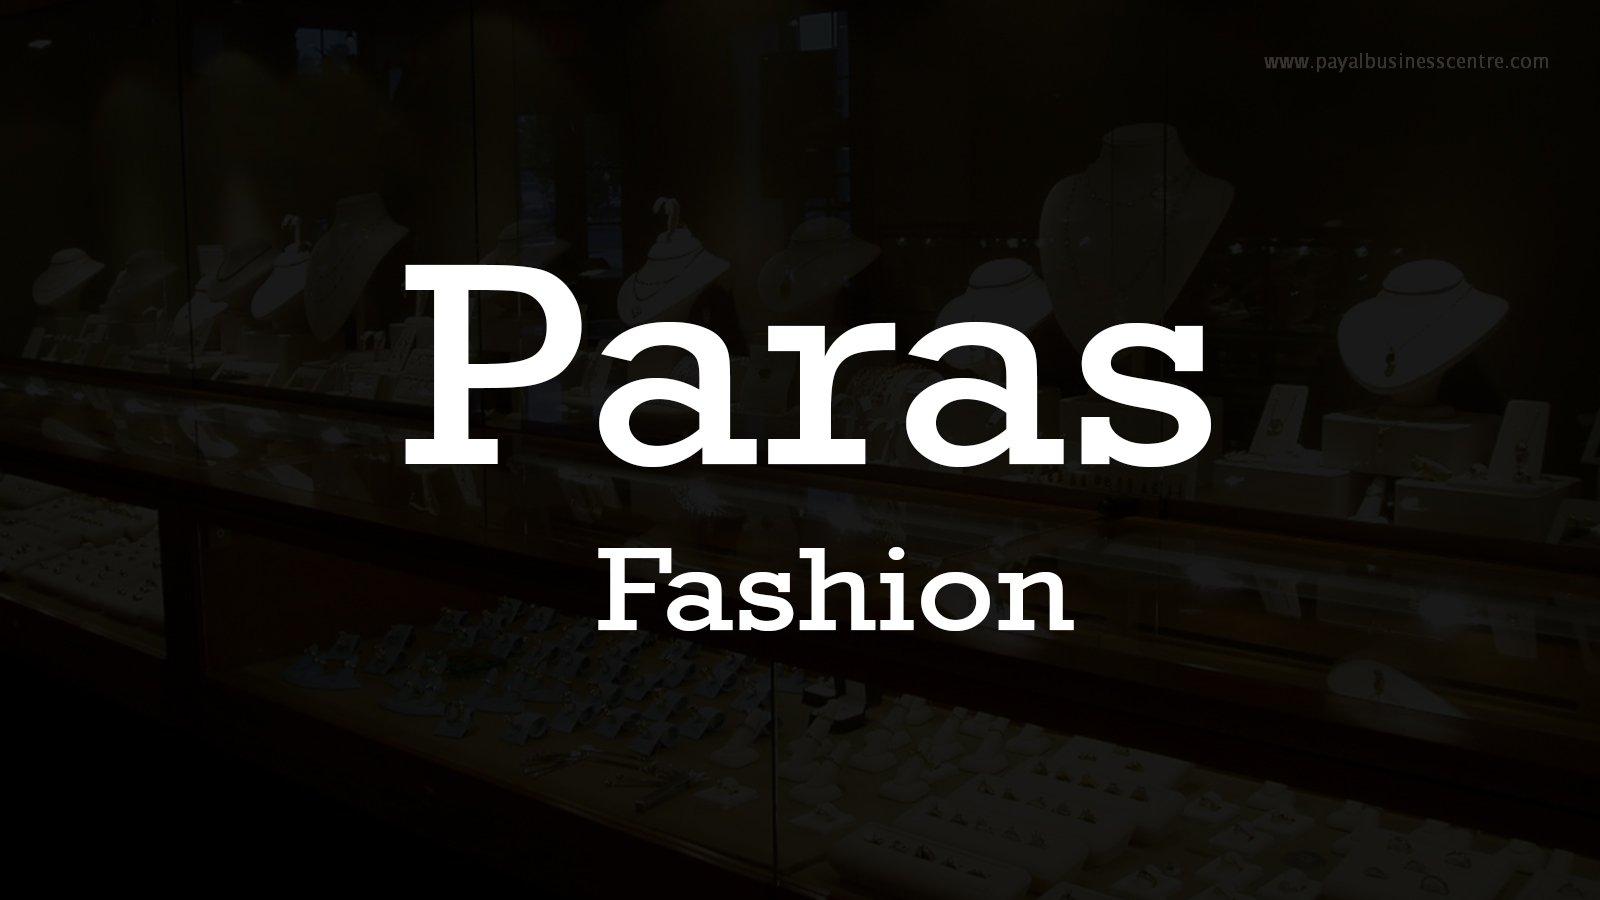 Paras Fashion - 8121 Payal Business Centre - 8128 128 St